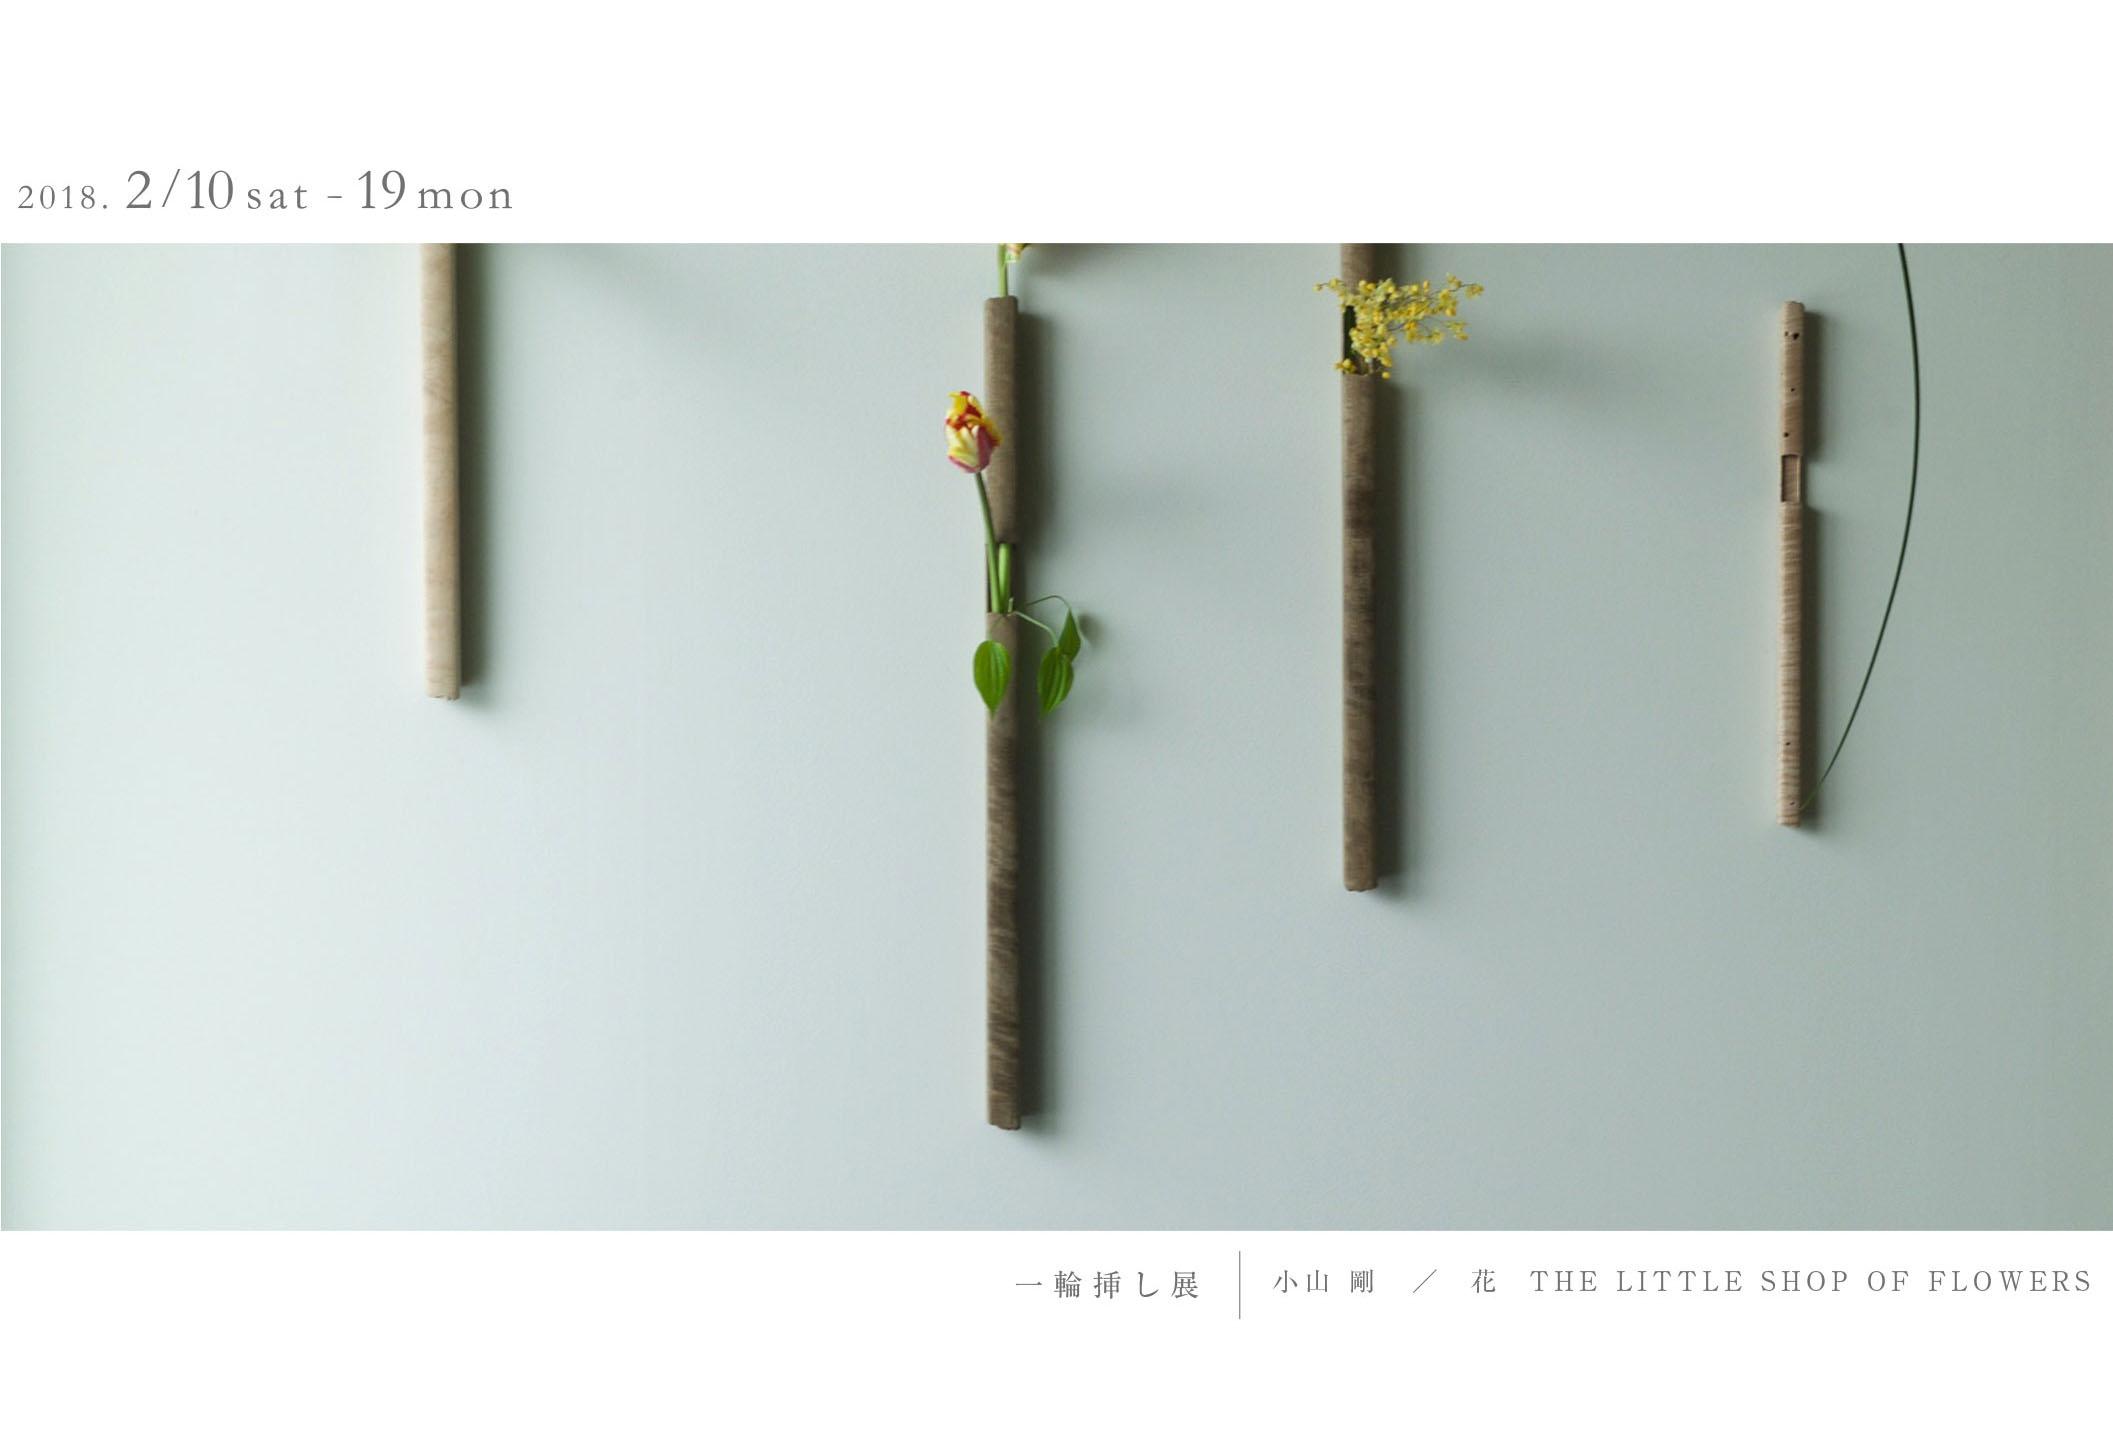 小山剛 一輪挿し展 / 花 THE LITTLE SHOP OF FLOWERS   at Leto / PHAETON